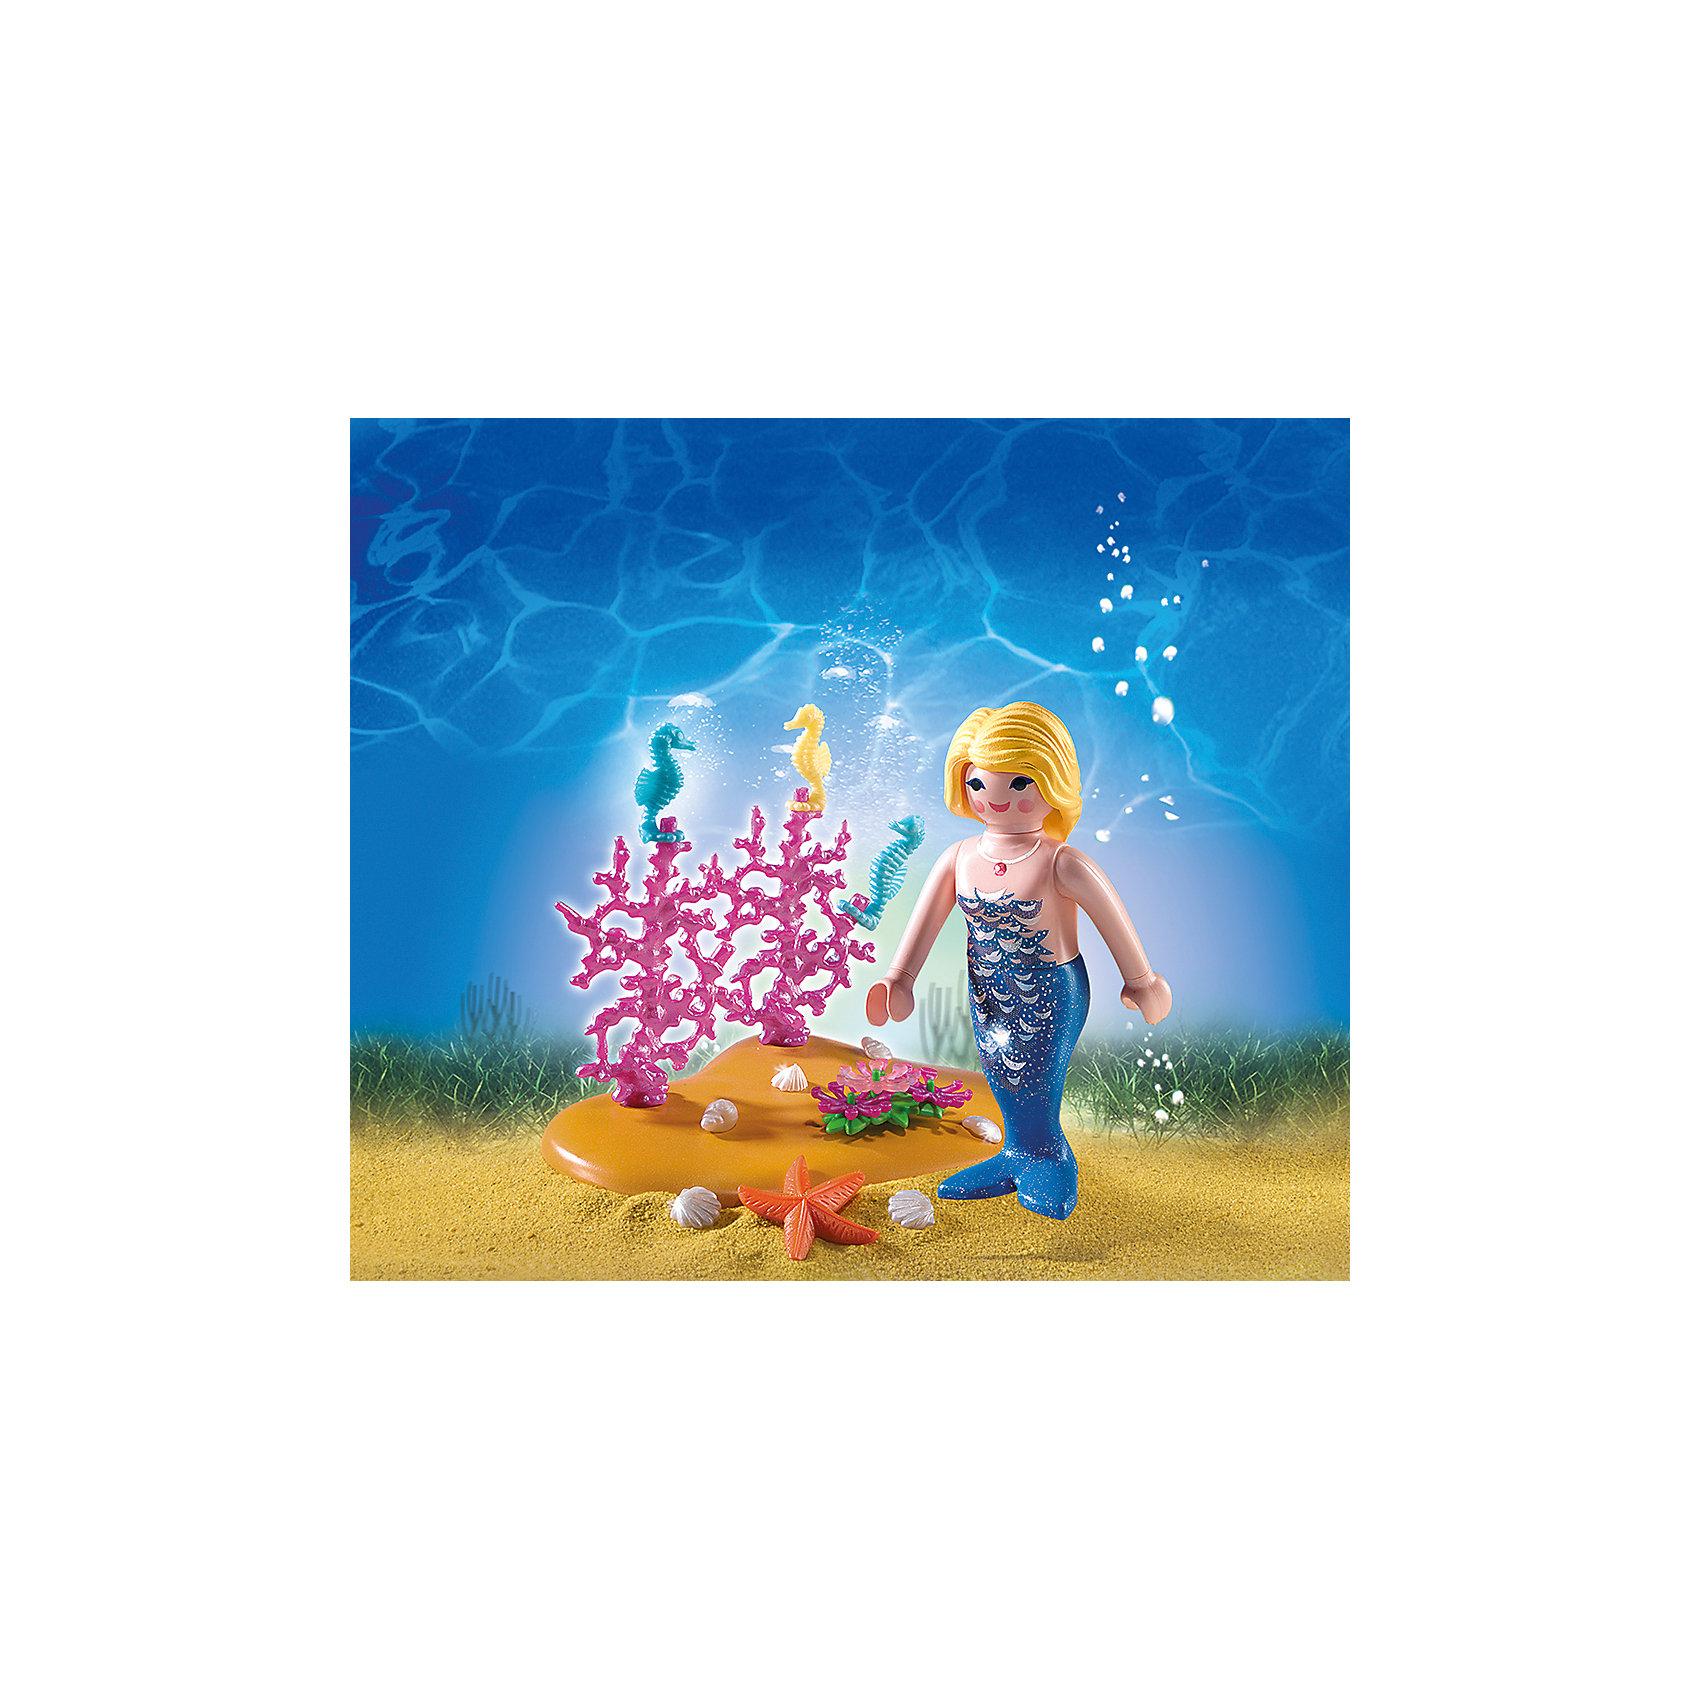 PLAYMOBIL® Яйцо: Русалочка и морские коньки, PLAYMOBIL playmobil® зоопарк стая фламинго playmobil